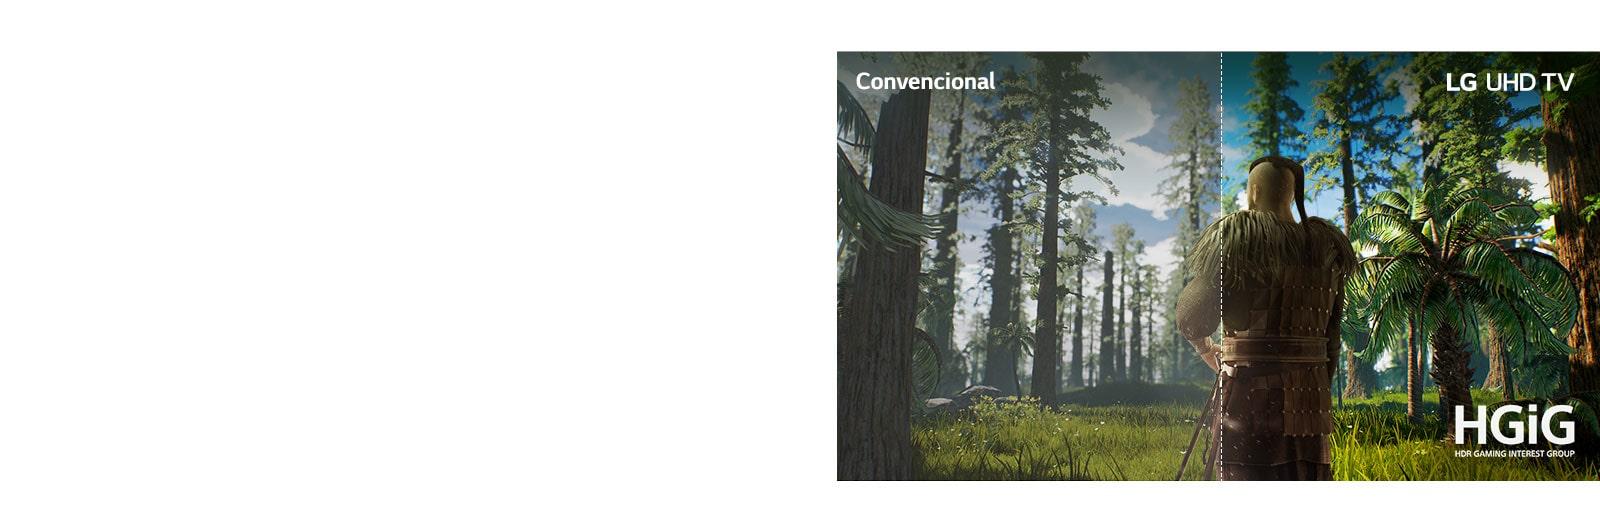 Pantalla de TV que muestra la escena de un juego con un hombre parado en medio de un bosque. La mitad se muestra en una pantalla convencional con baja calidad de imagen. La otra mitad se muestra en la pantalla del TV LG UHD con una calidad de imagen nítida y vívida.